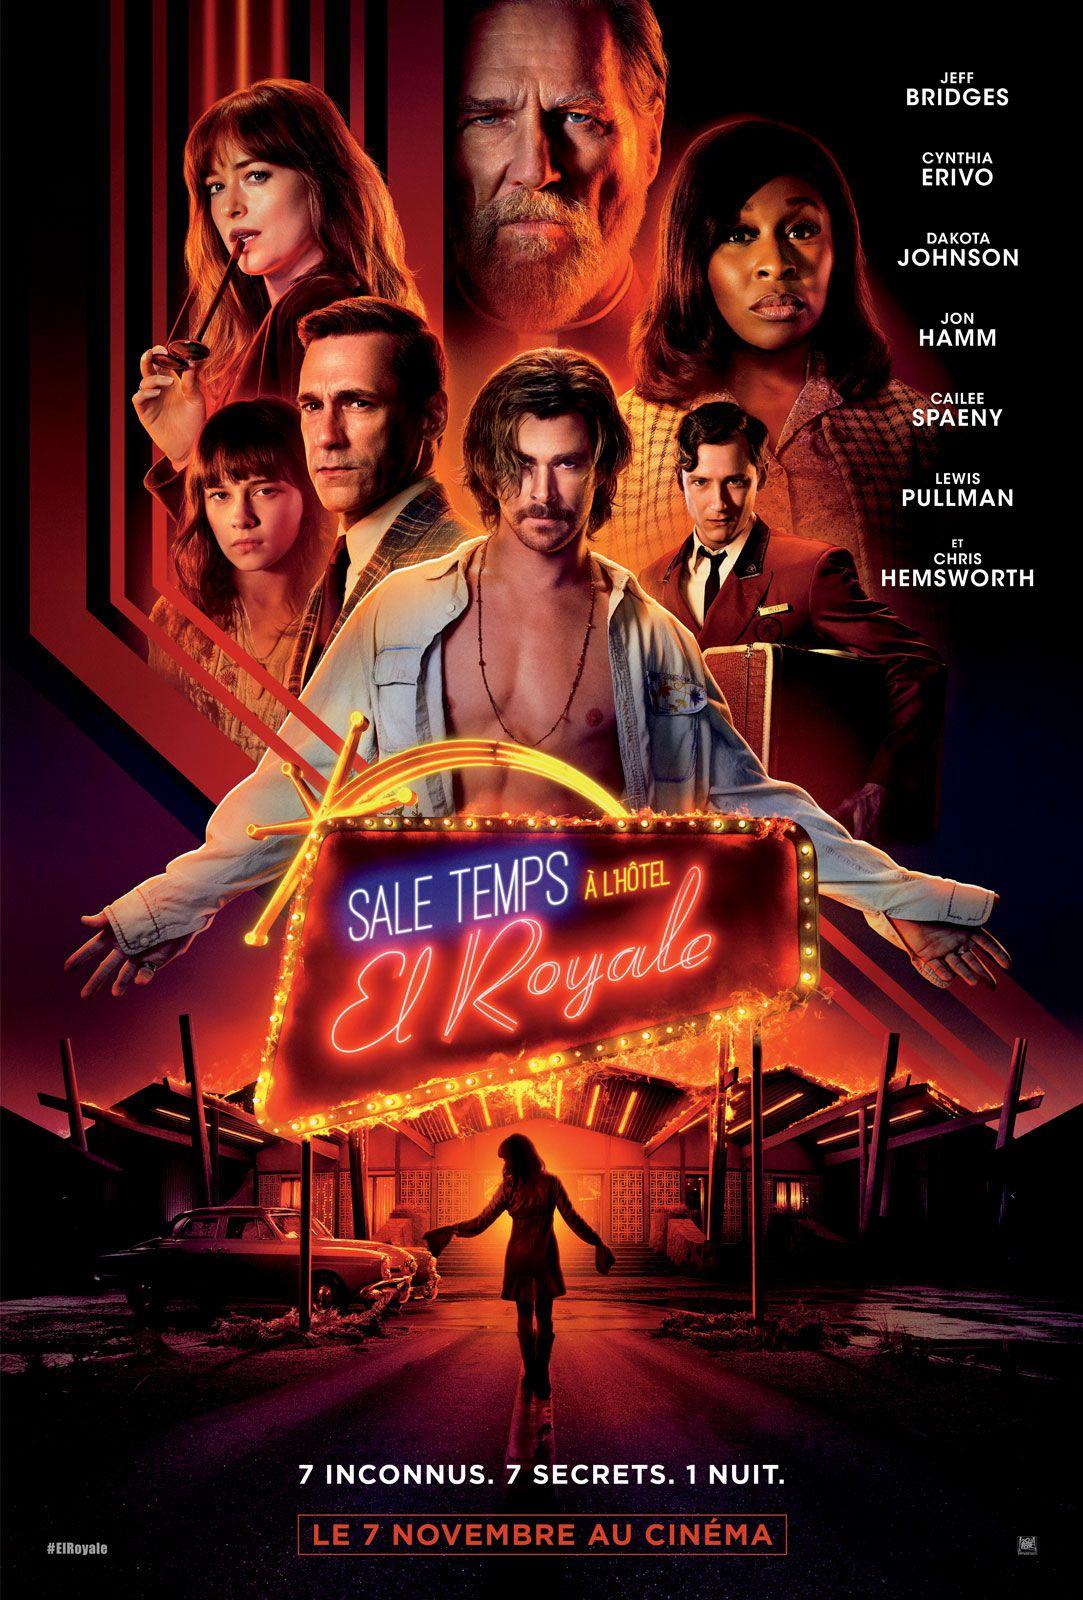 Sale temps à l'hôtel El Royale - Film (2018)